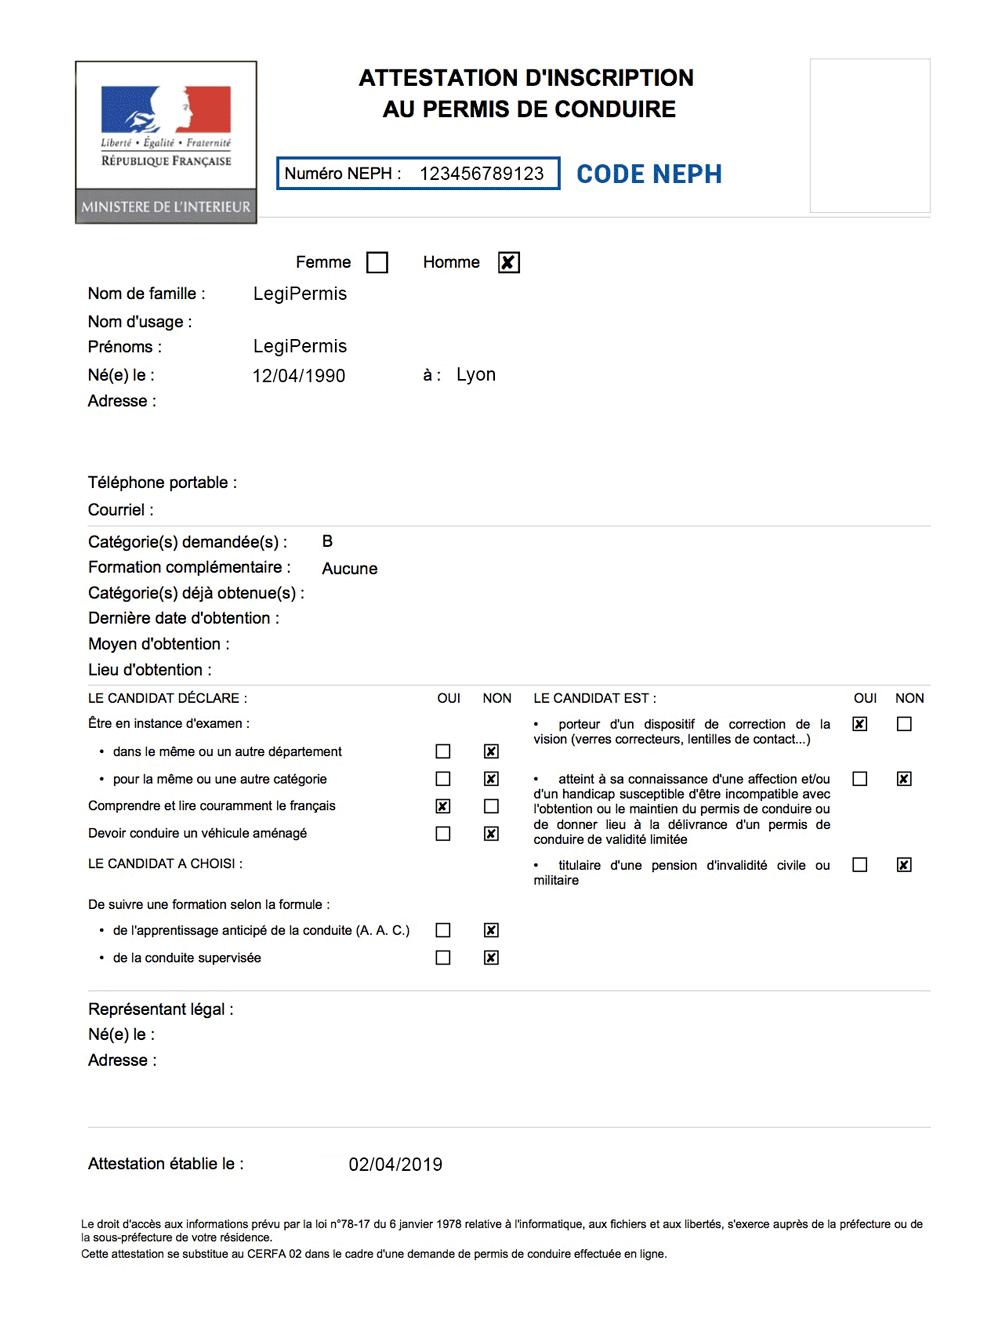 attestation d'inscription au permis de conduire avec le Code NEPH